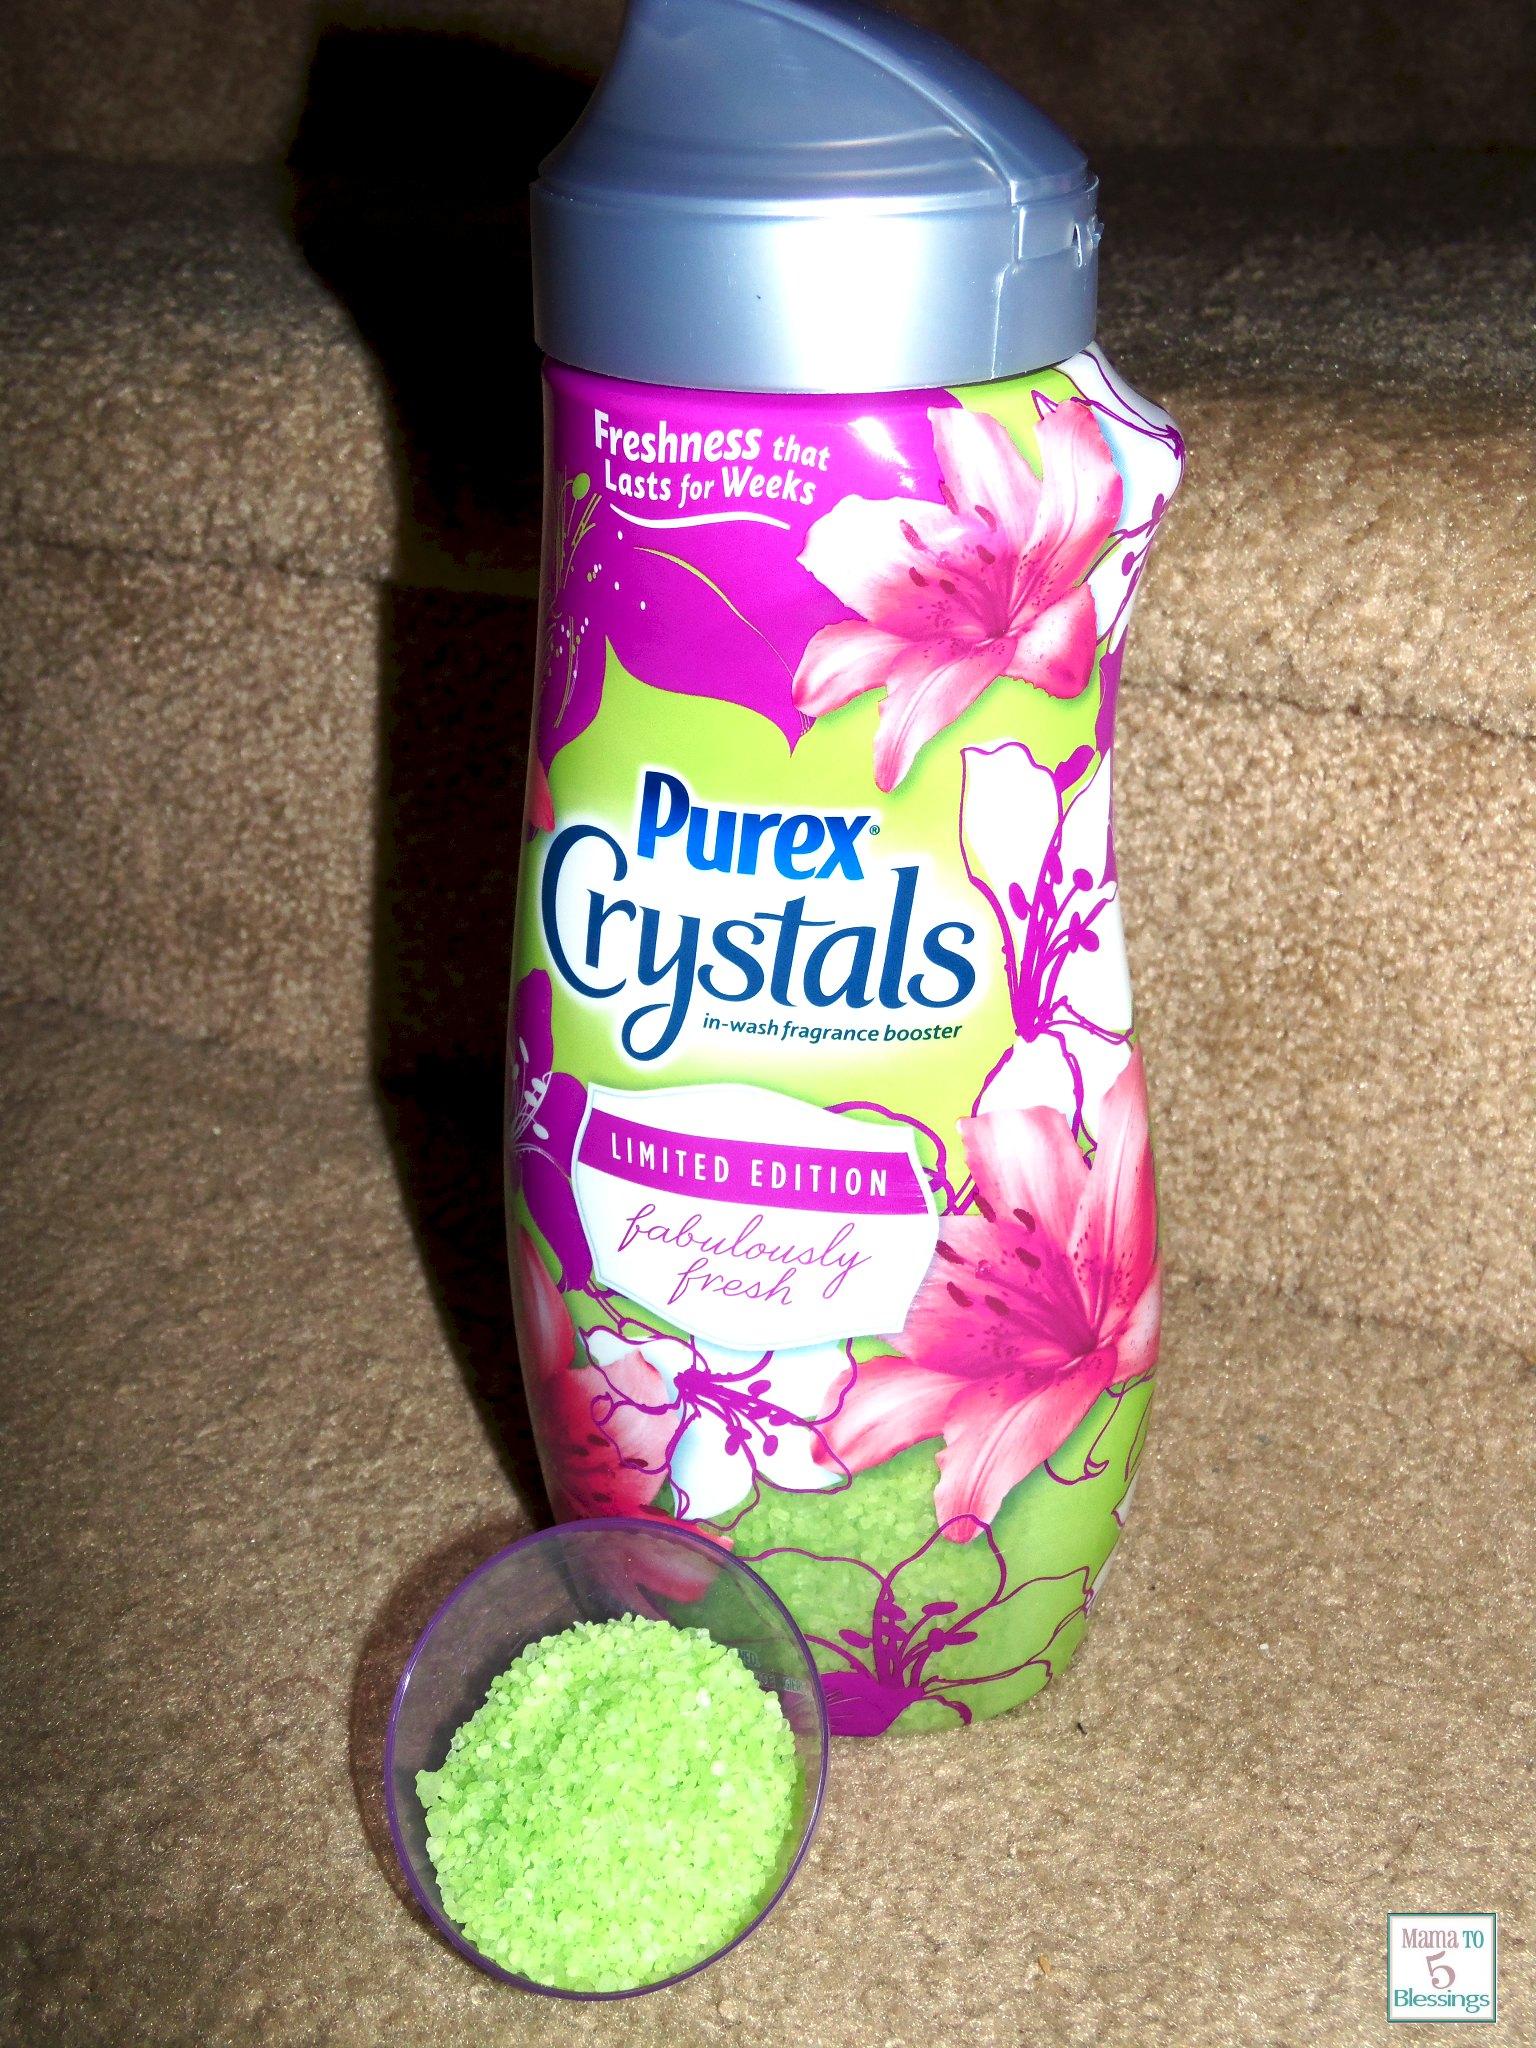 purex fabulously fresh